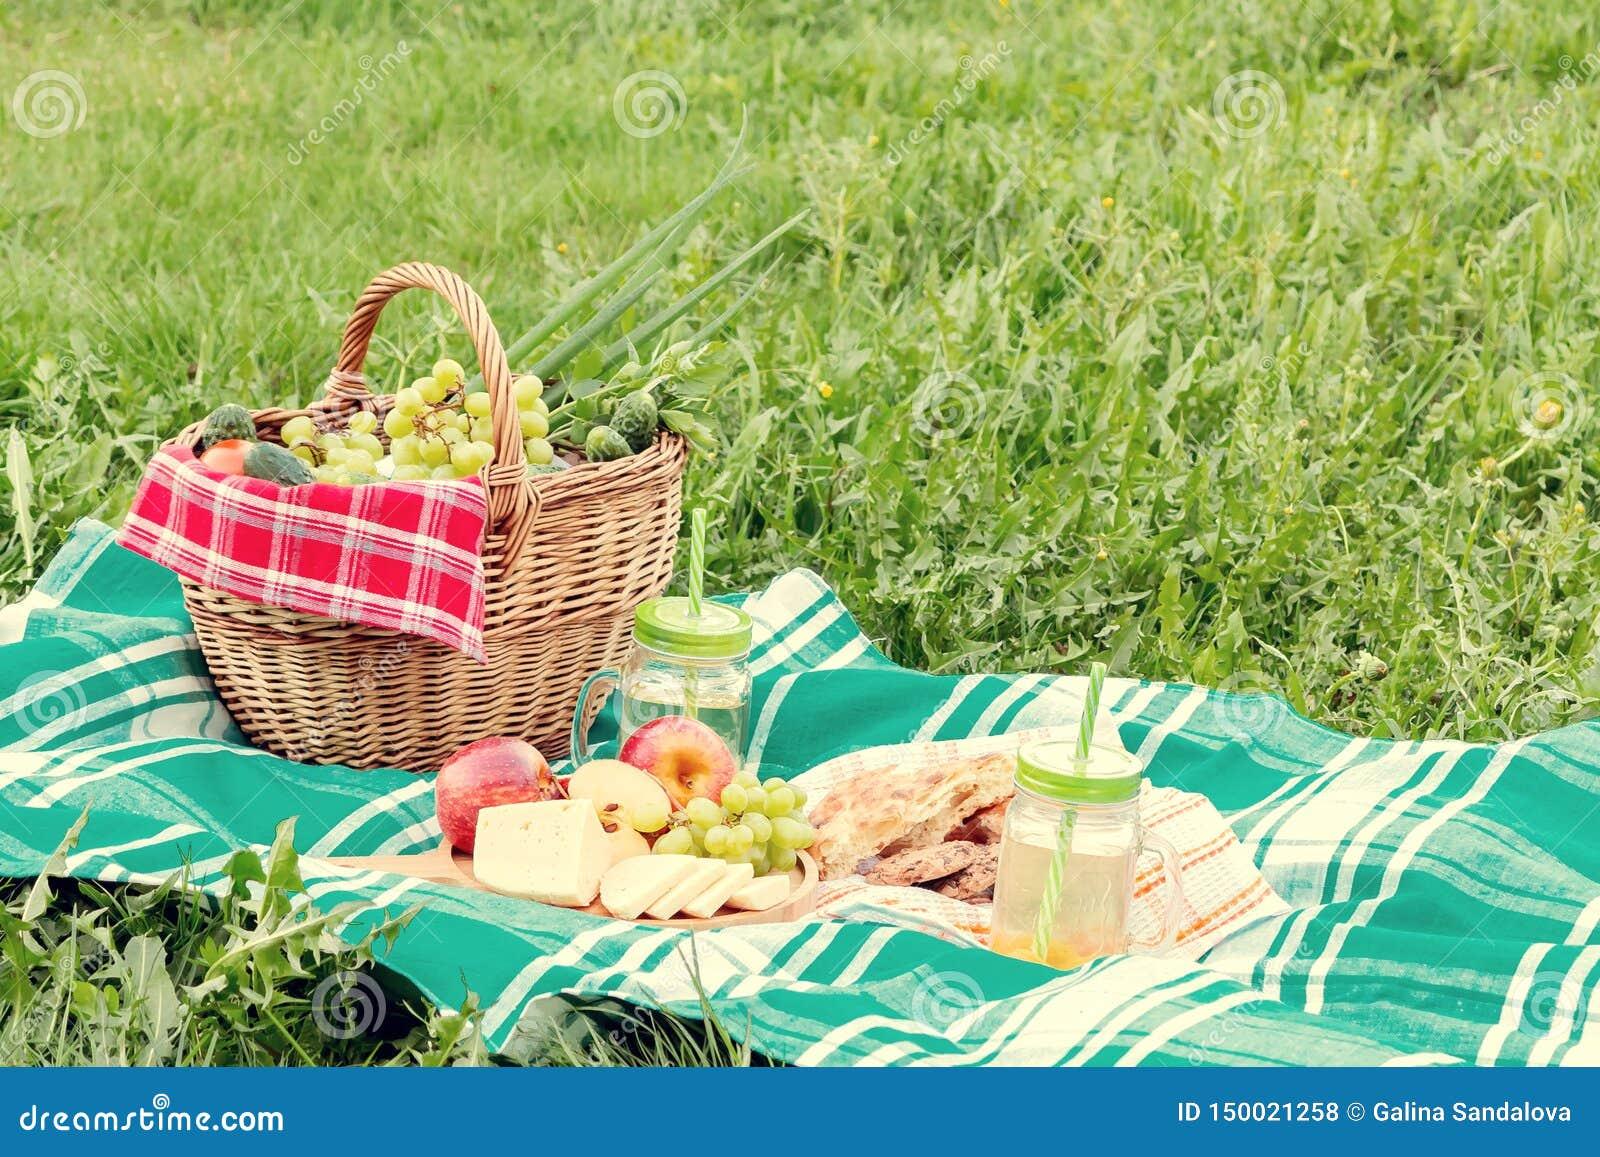 Pinkin na trawie na letnim dniu poj?cie lata plenerowy odtwarzanie - kosz, winogrona, ser, chleb, jab?ka -